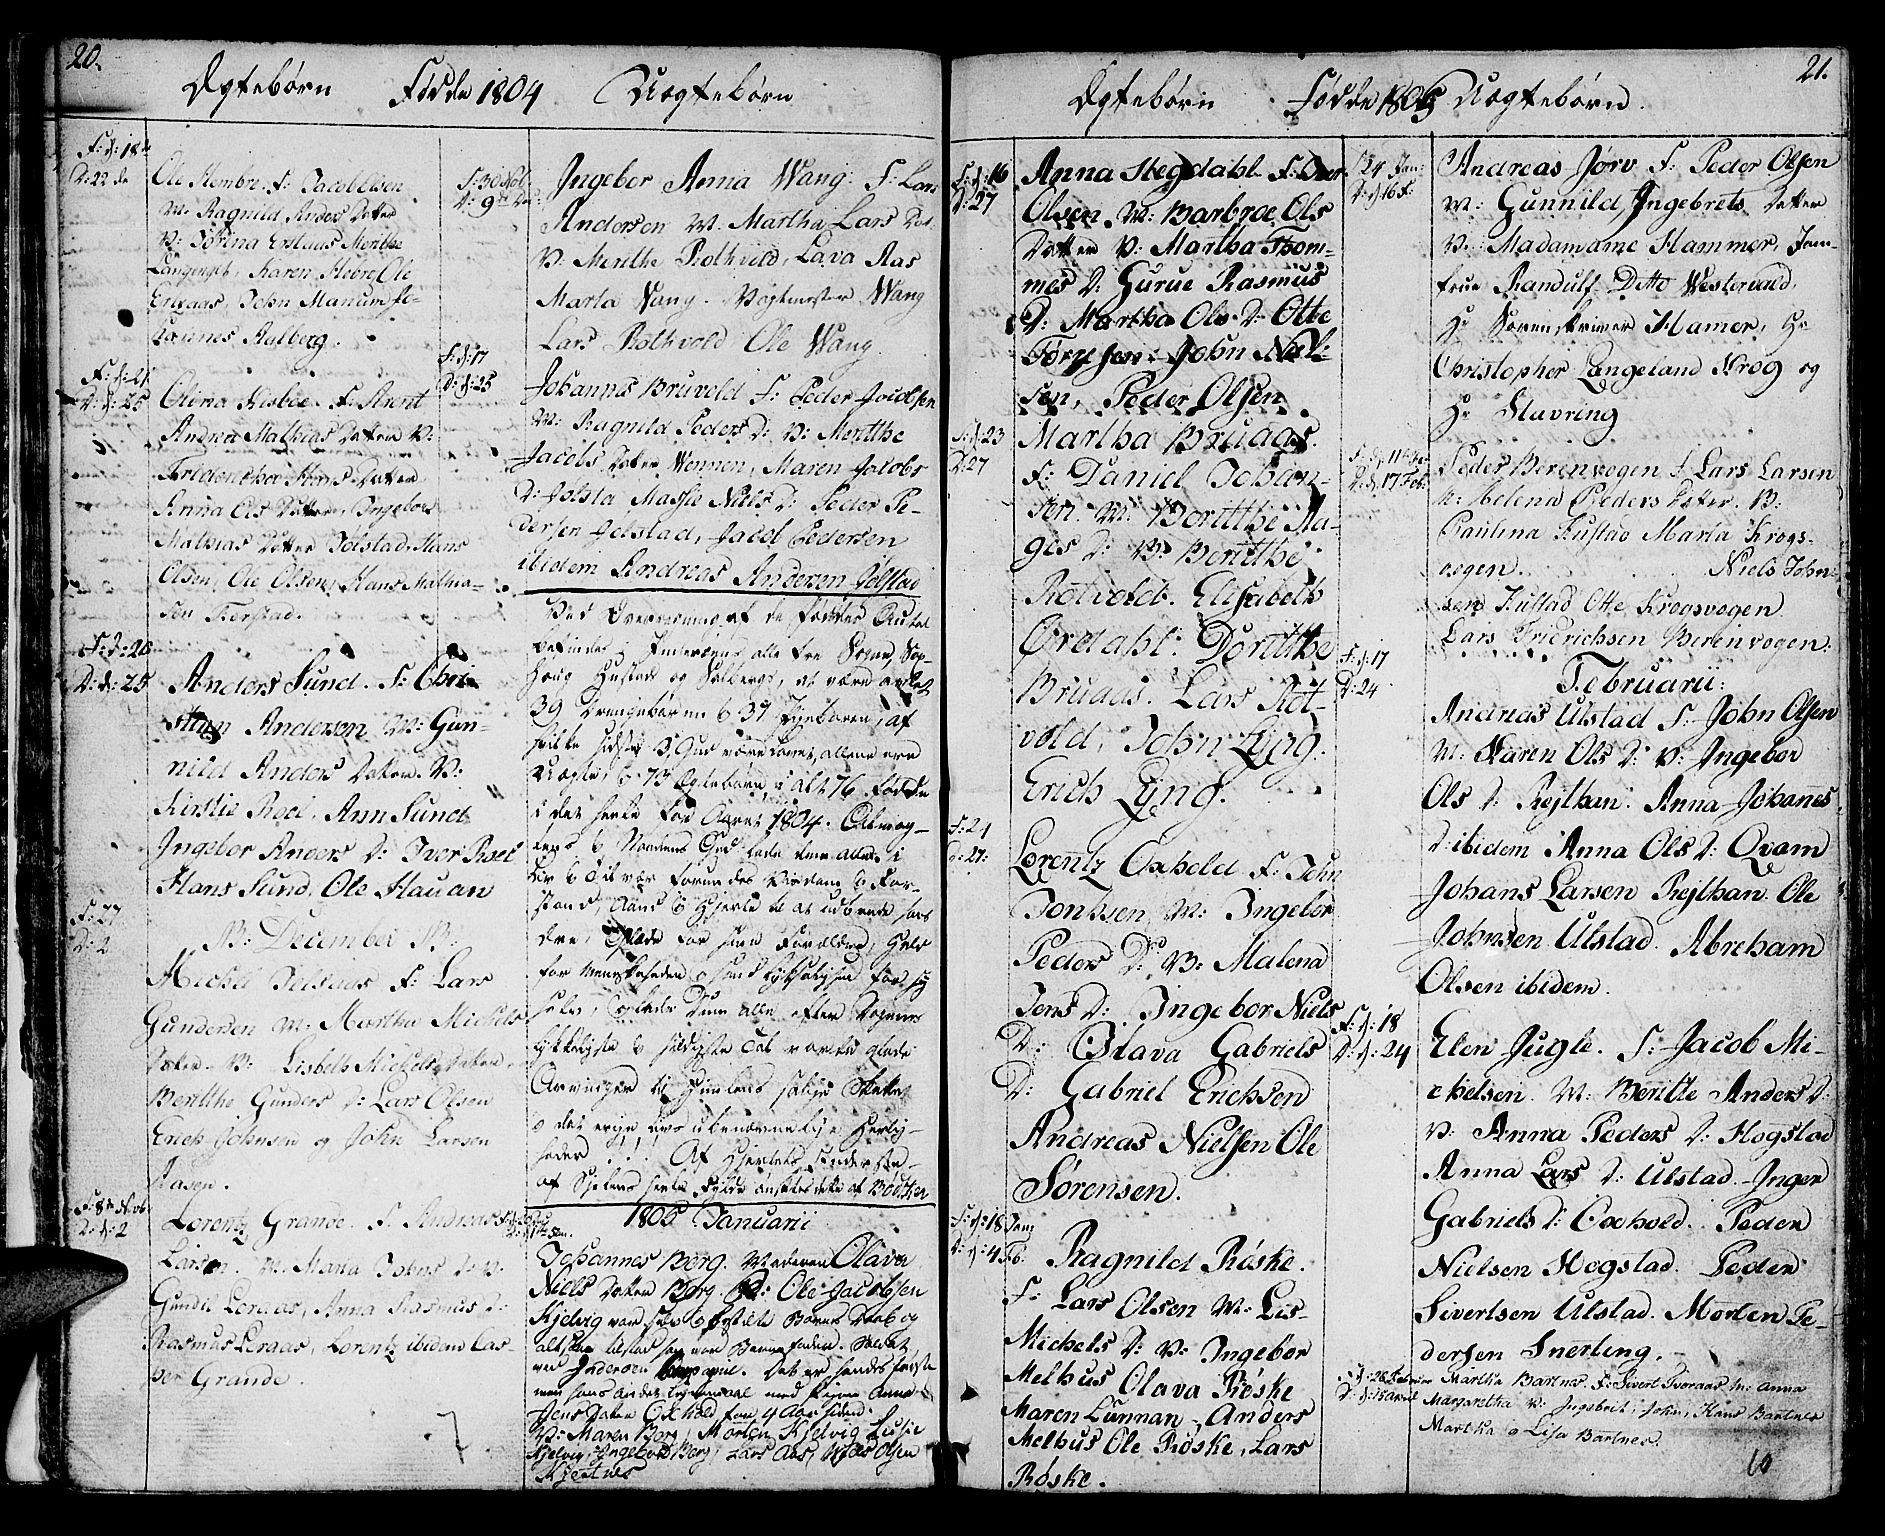 SAT, Ministerialprotokoller, klokkerbøker og fødselsregistre - Nord-Trøndelag, 730/L0274: Ministerialbok nr. 730A03, 1802-1816, s. 20-21